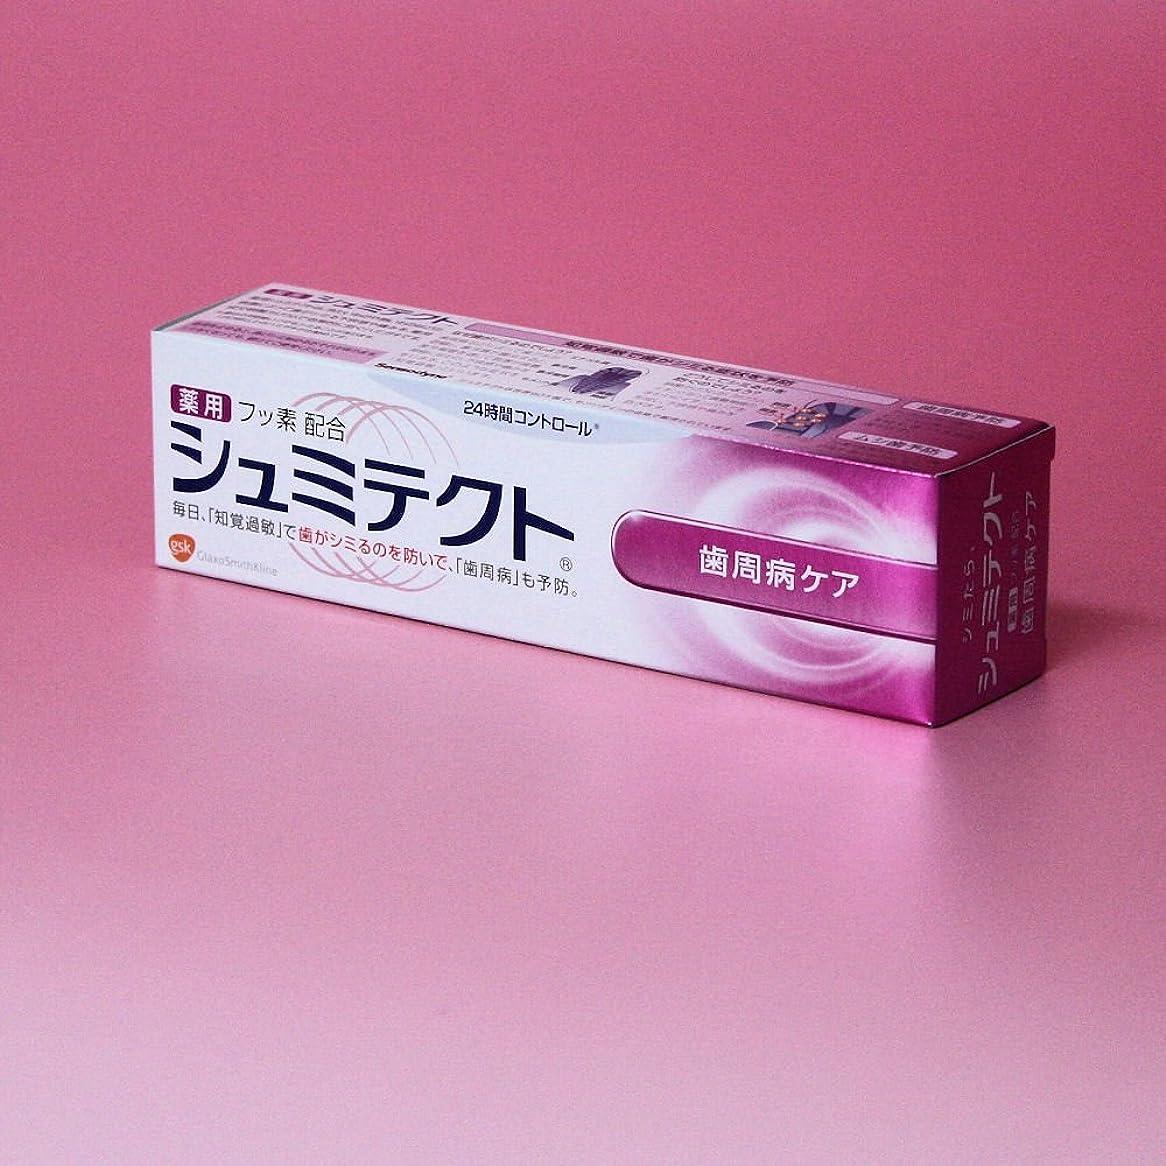 比類のないようこそ助手アース製薬 シュミテクト 歯周病ケア 90g